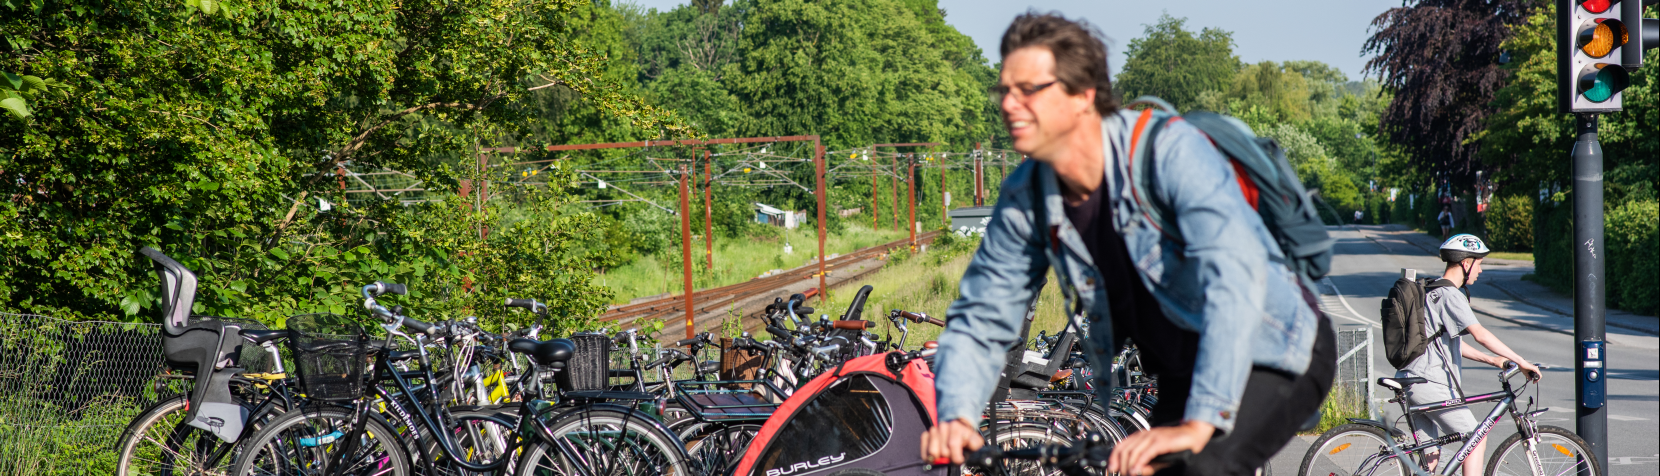 Cyklist ved parkerede cykler ved stationen